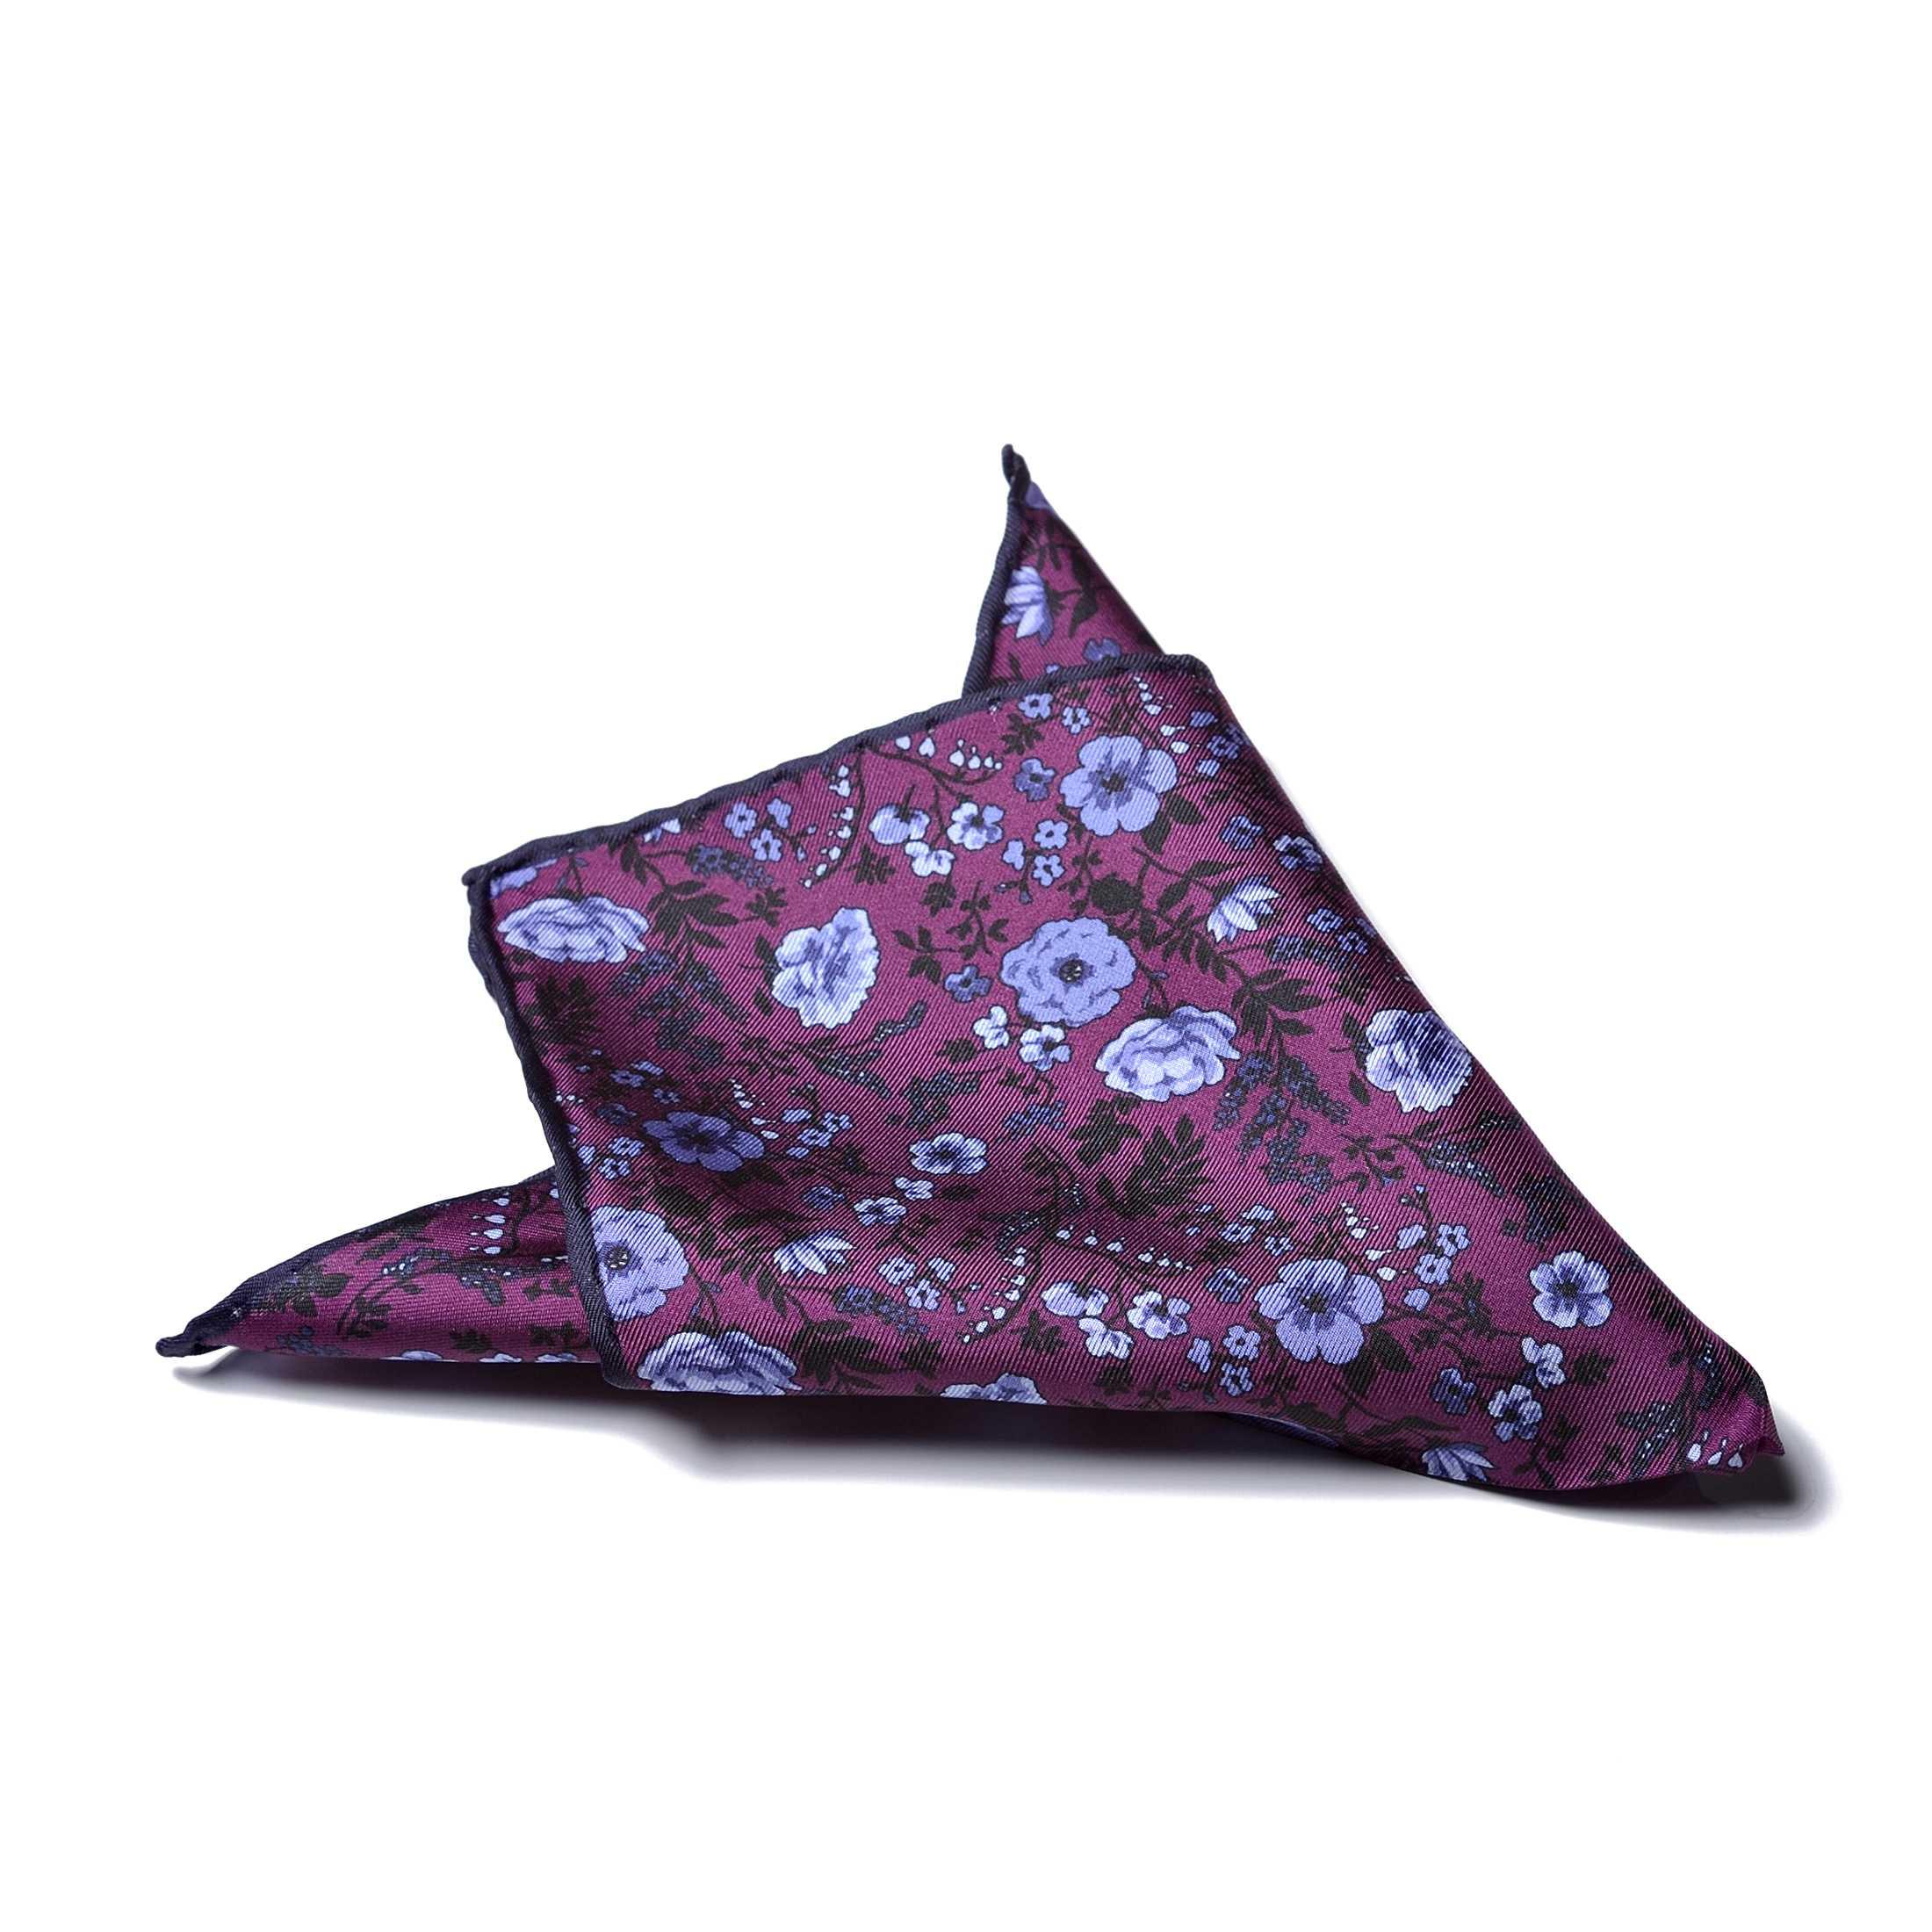 Платок нагрудный в карман фиолетовый в цветы с синей окантовкой (шелк)